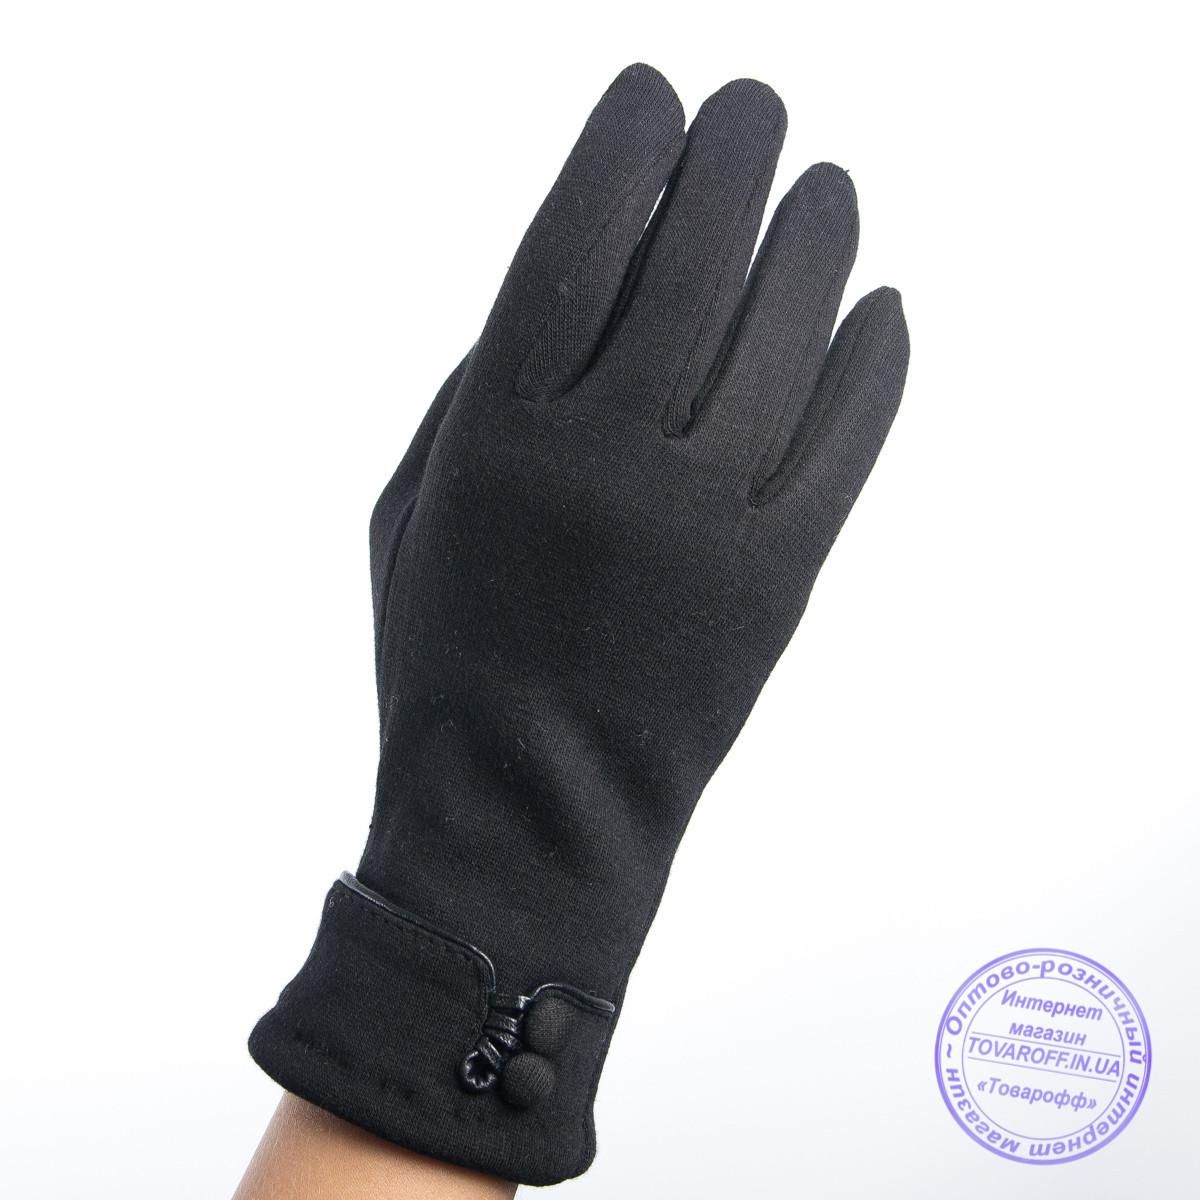 Оптом женские трикотажные перчатки с плюшевым утеплителем - F30-3